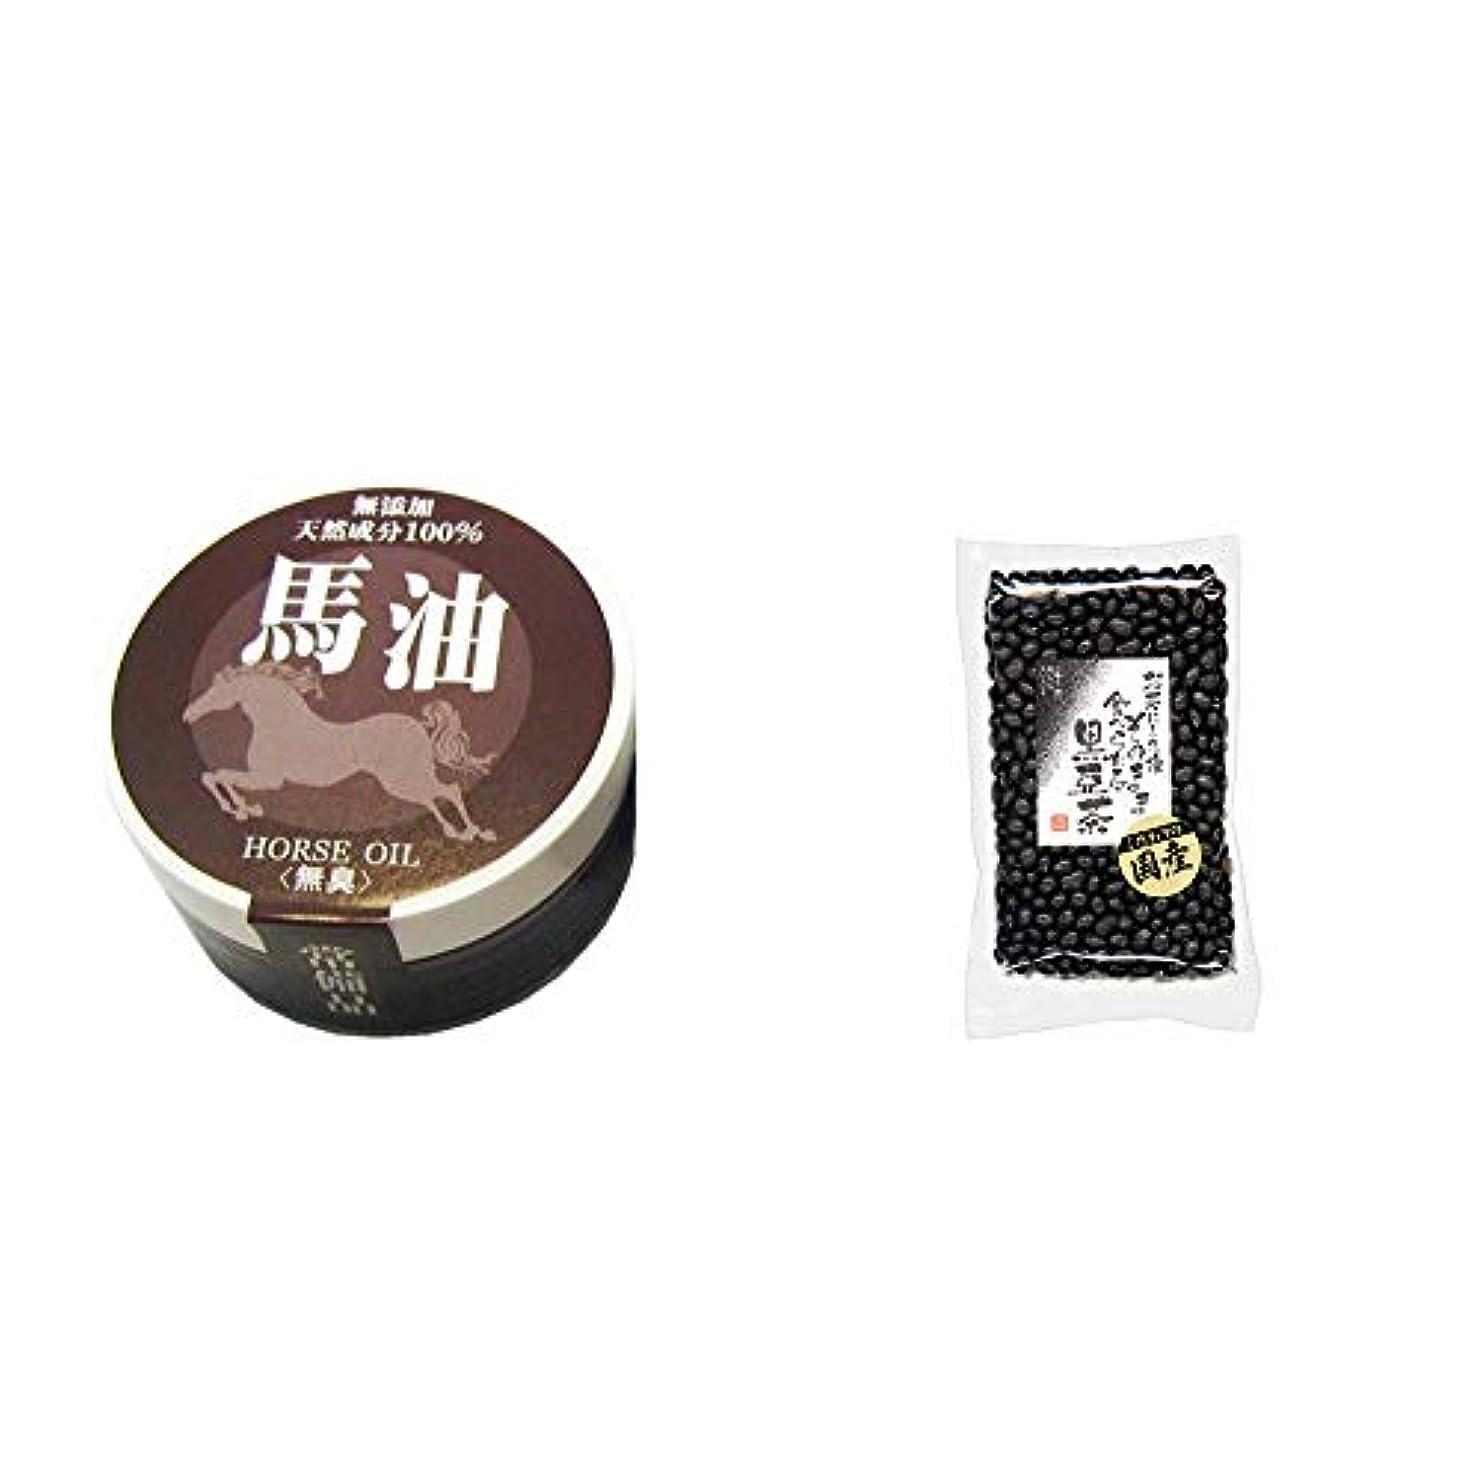 ポーン栄養ぜいたく[2点セット] 無添加天然成分100% 馬油[無香料](38g)?国産 黒豆茶(200g)